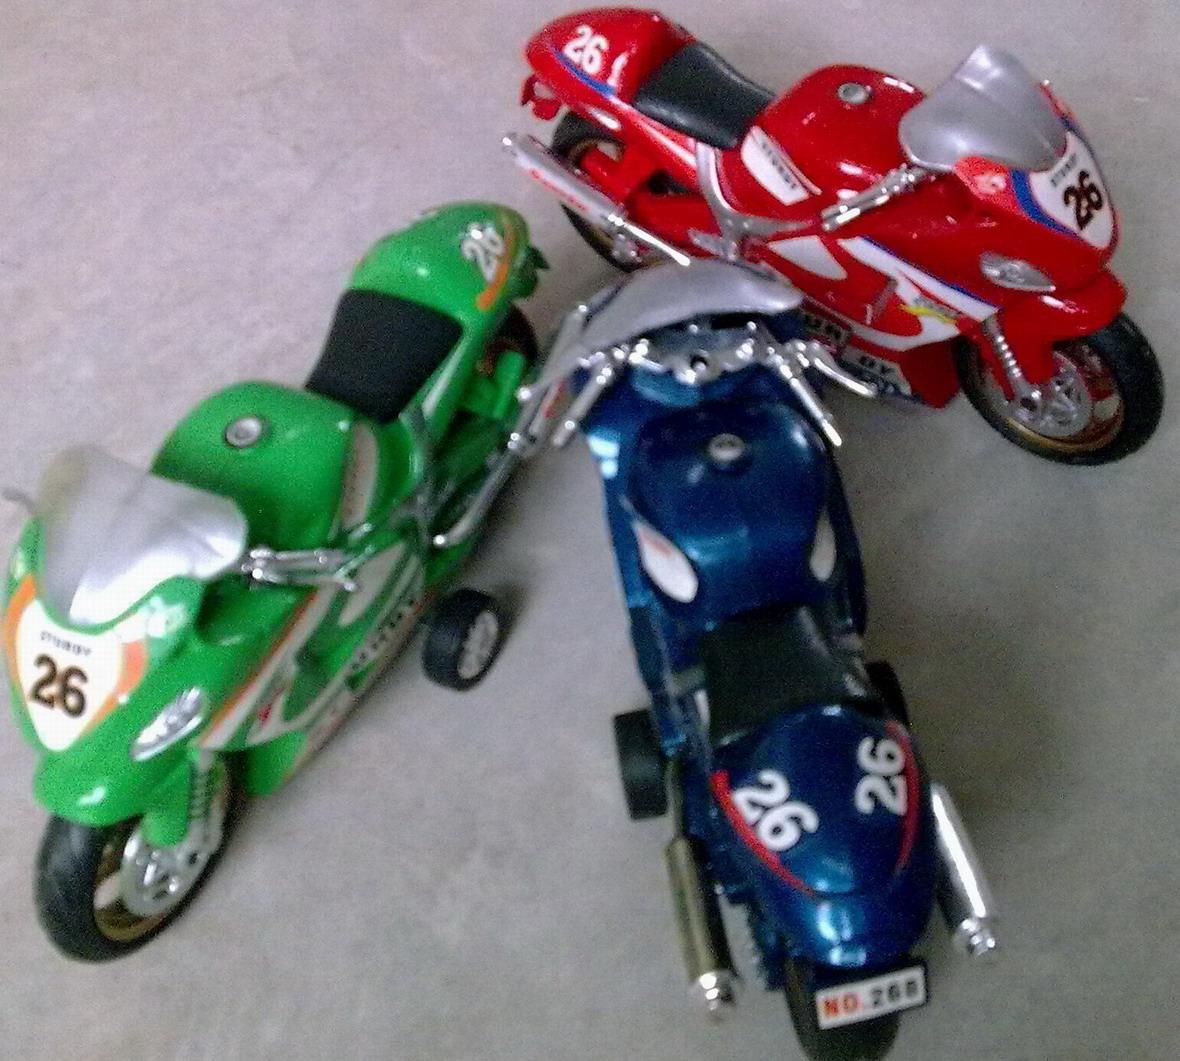 惯性250c型摩托车20*7*11.有意者请电;18025537301